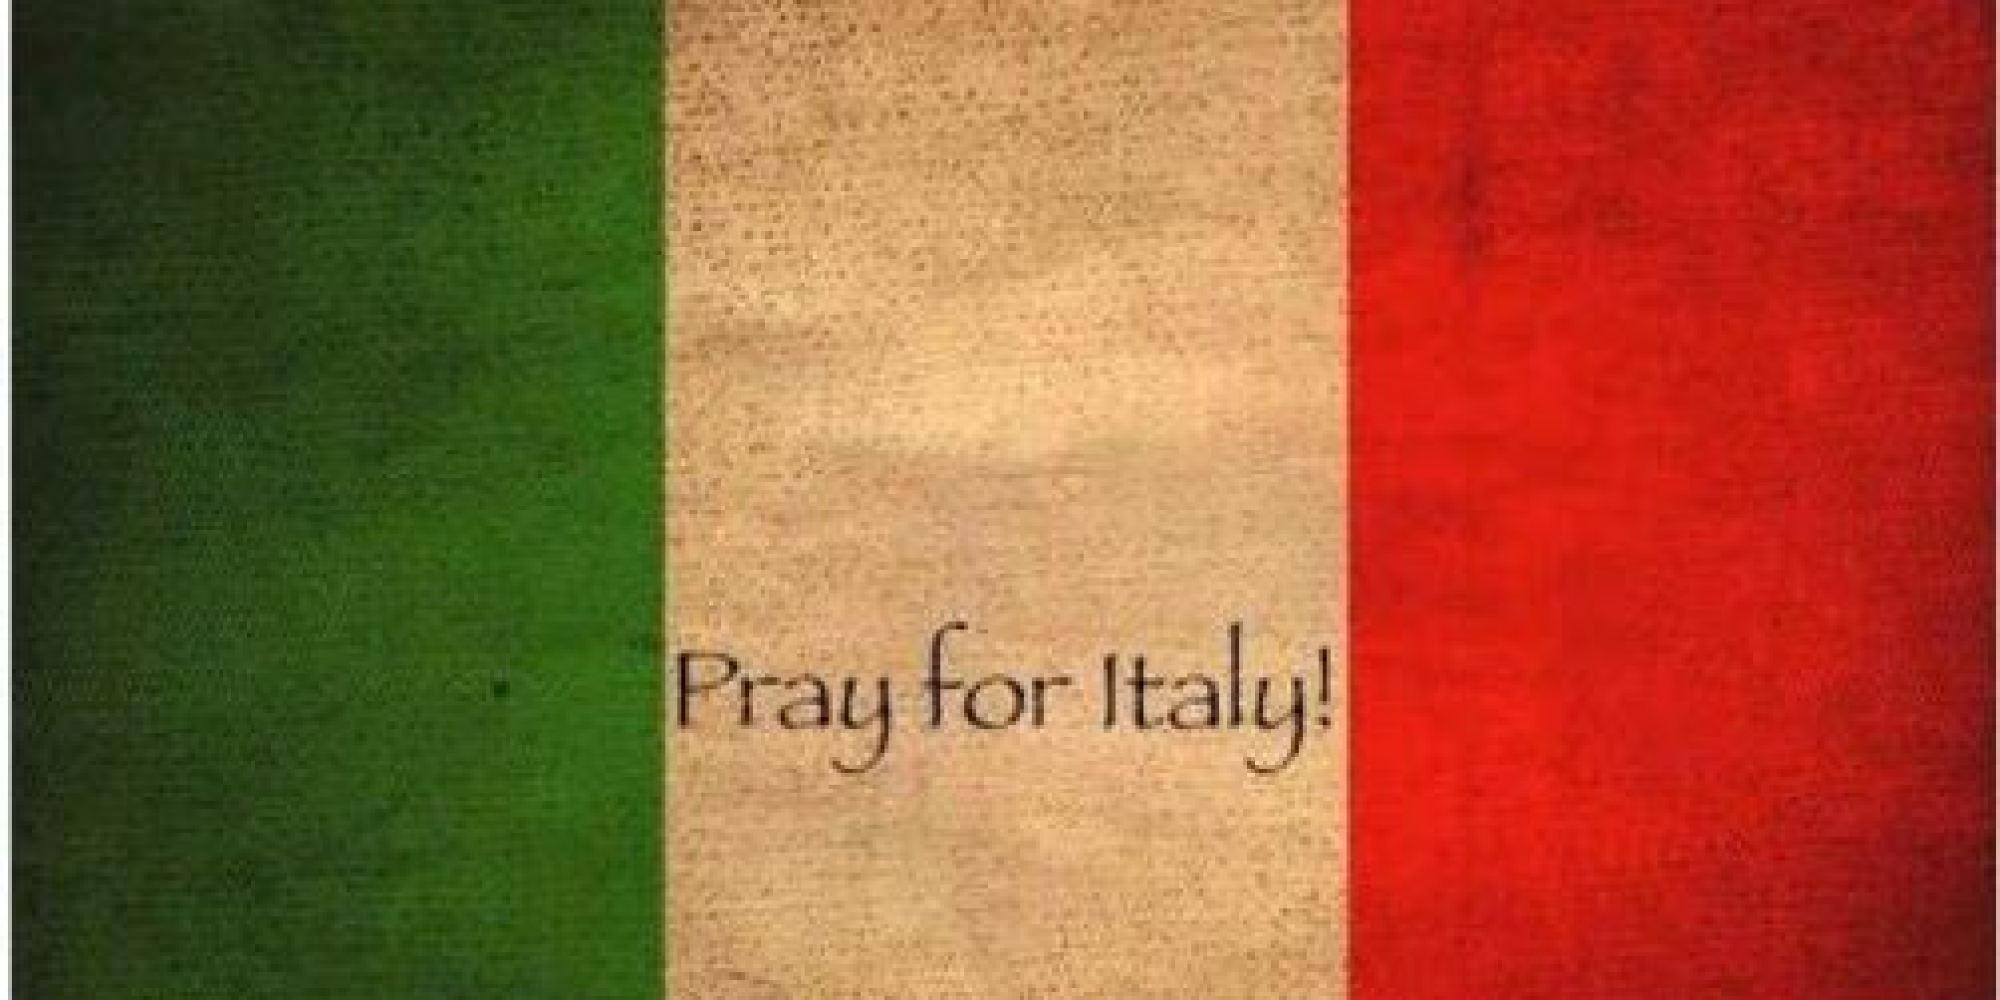 pray-for-italy